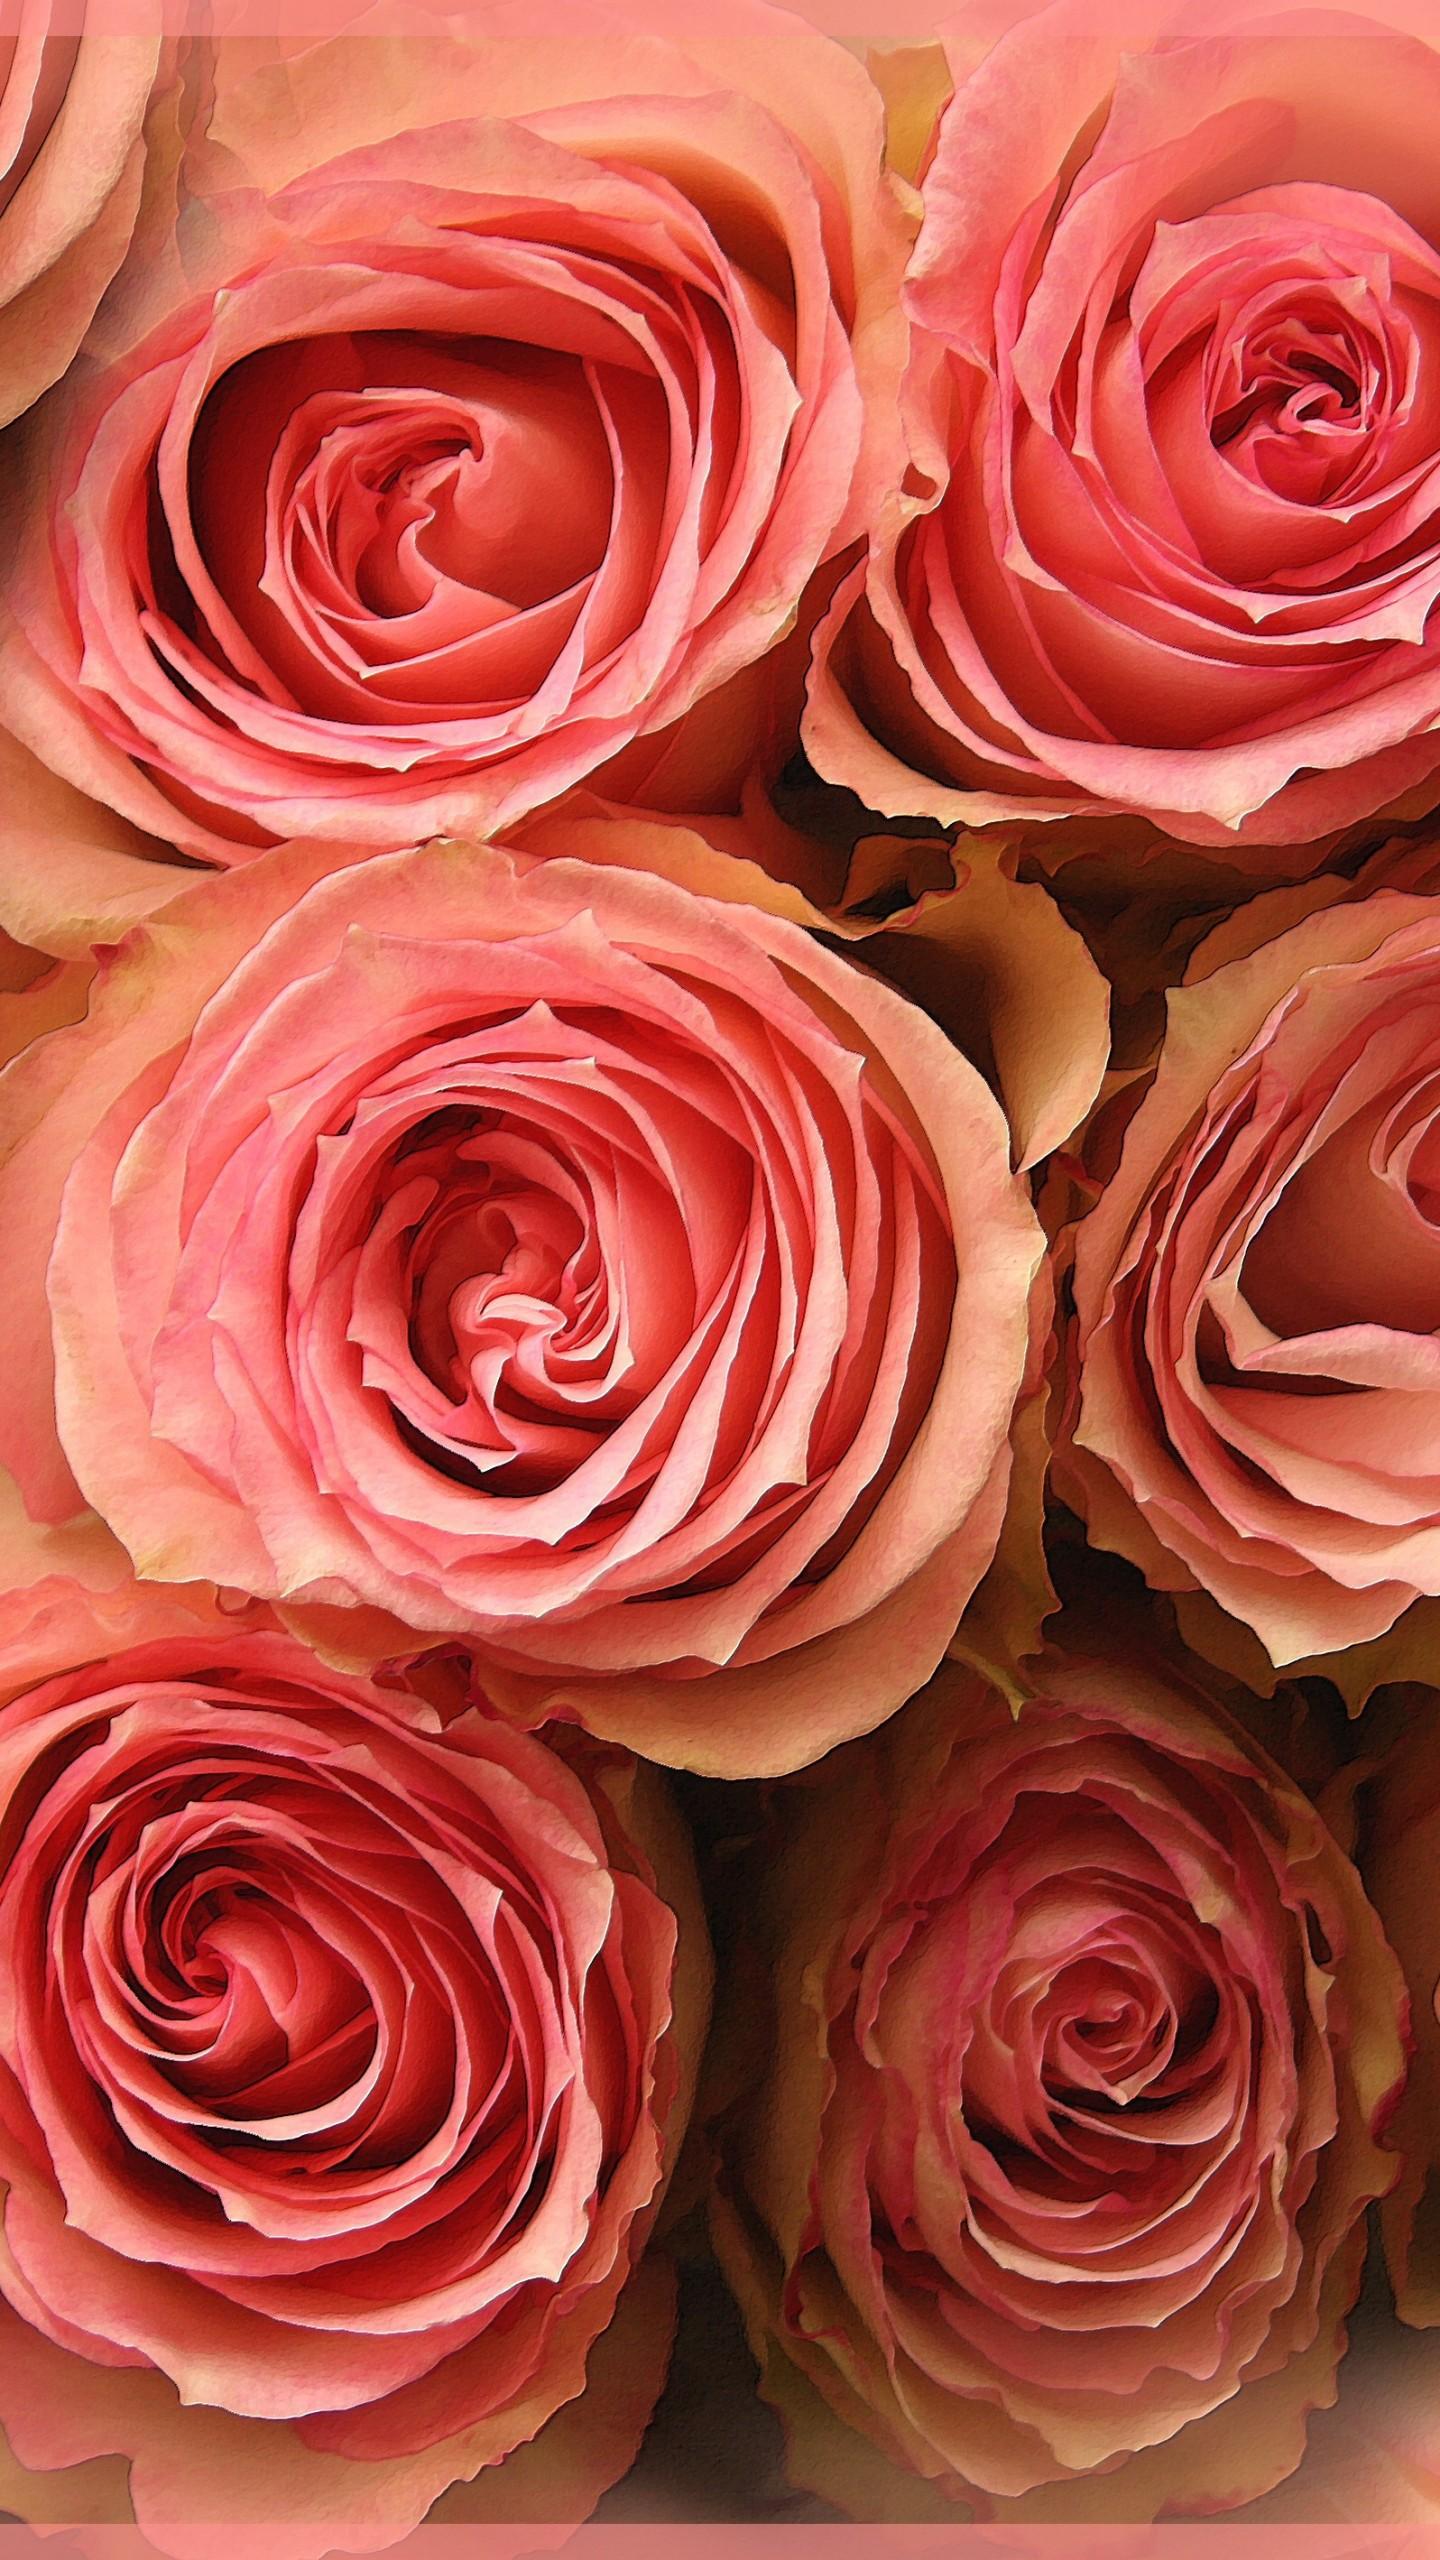 عکس زمینه دسته گل های رز صورتی پس زمینه